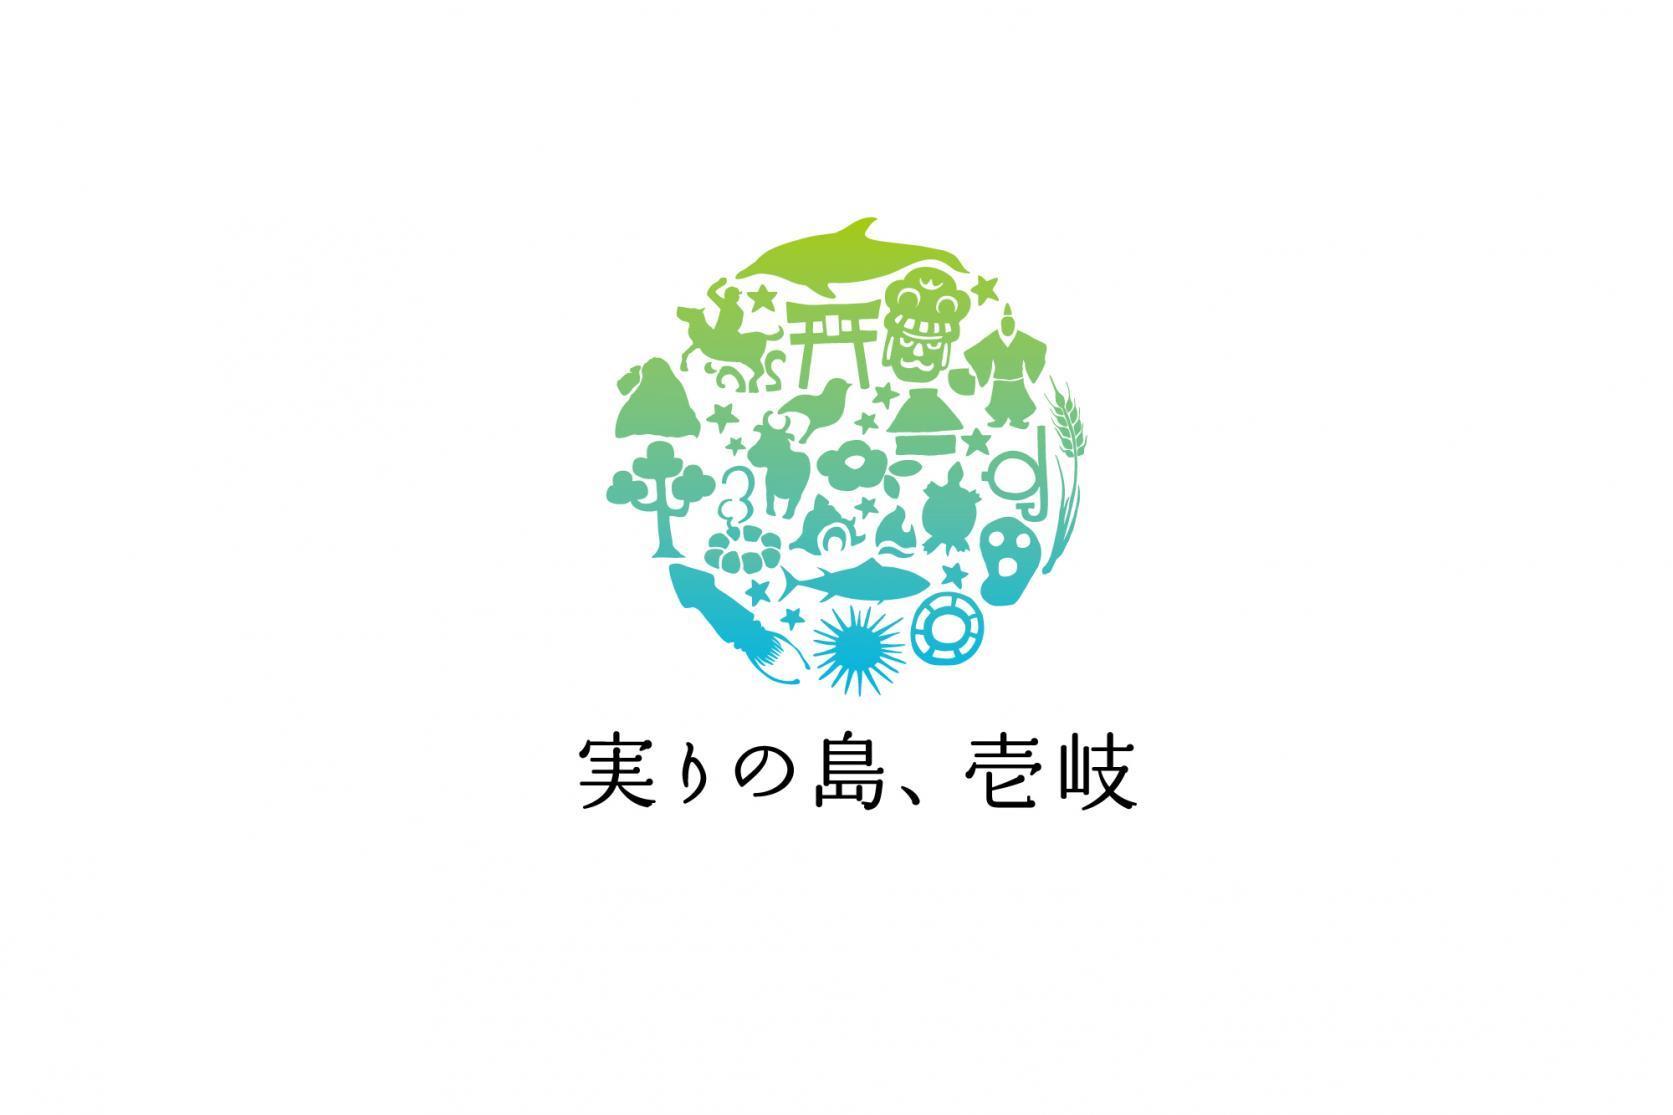 【TV番組再放送のお知らせ】NHK-BSプレミアム「にっぽん縦断 こころ旅」 2021春の旅-1